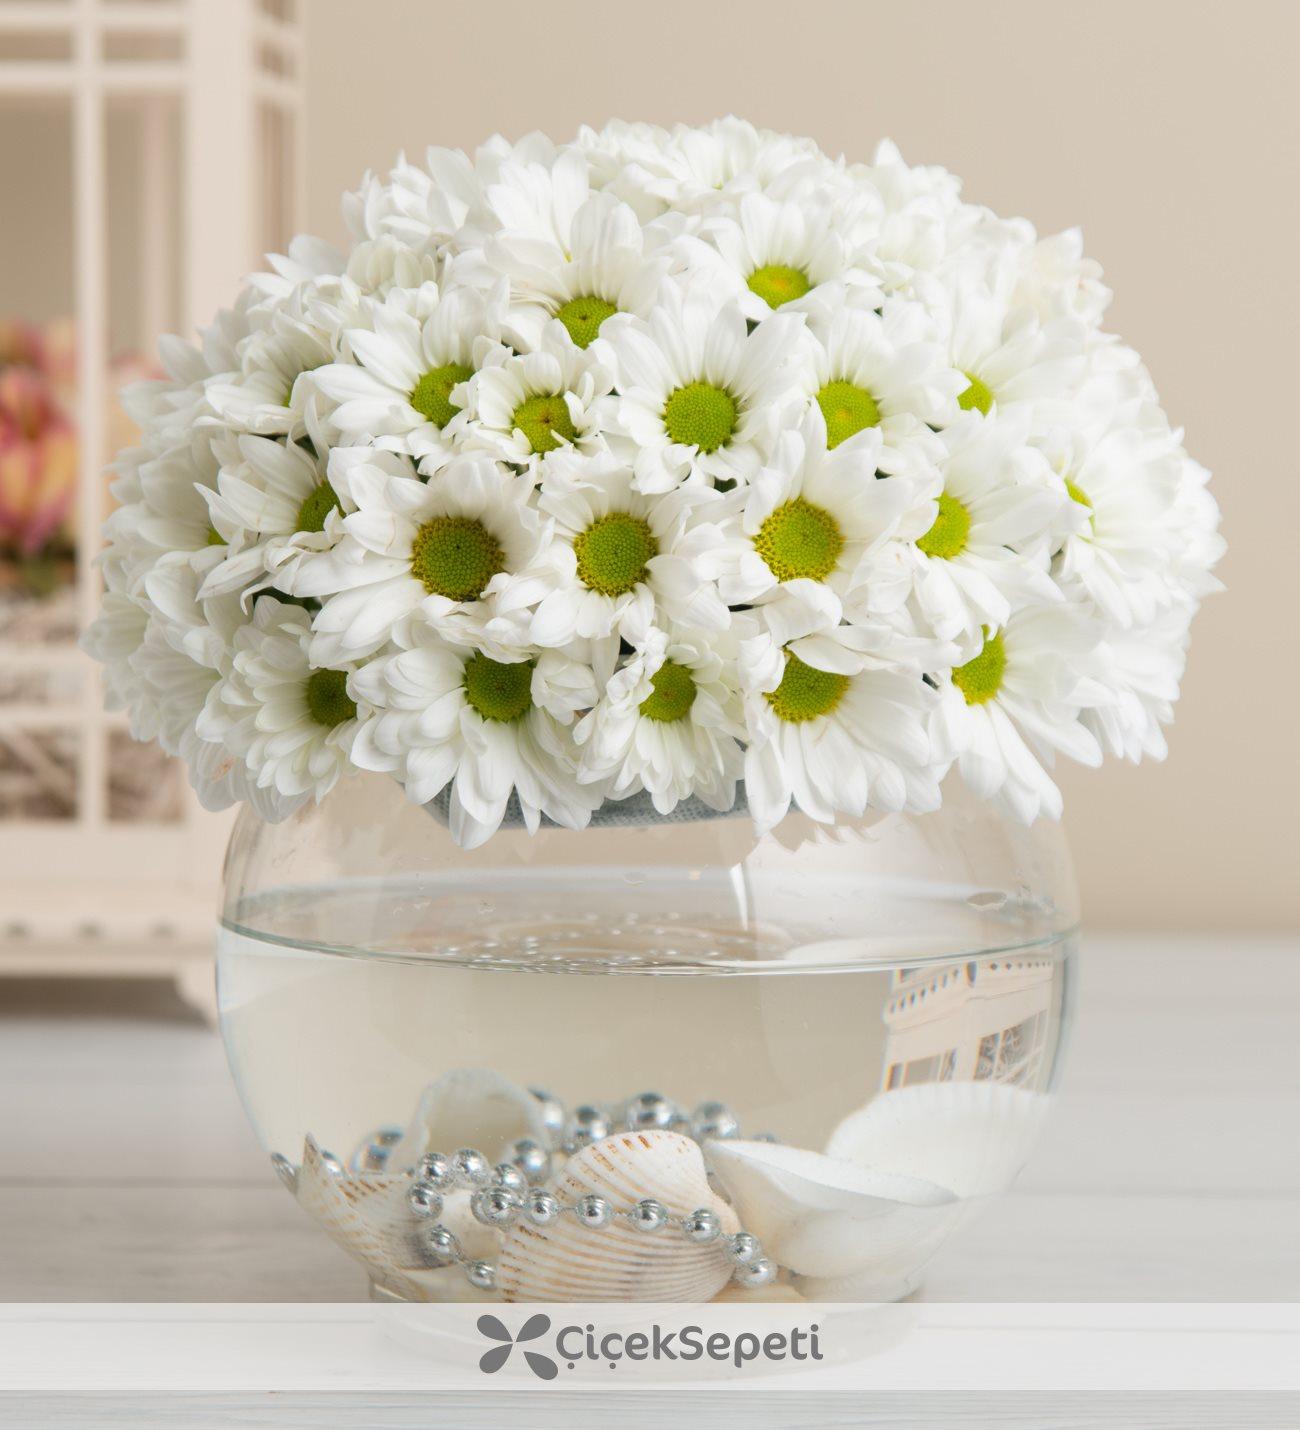 çiçek sepeti ile ilgili görsel sonucu